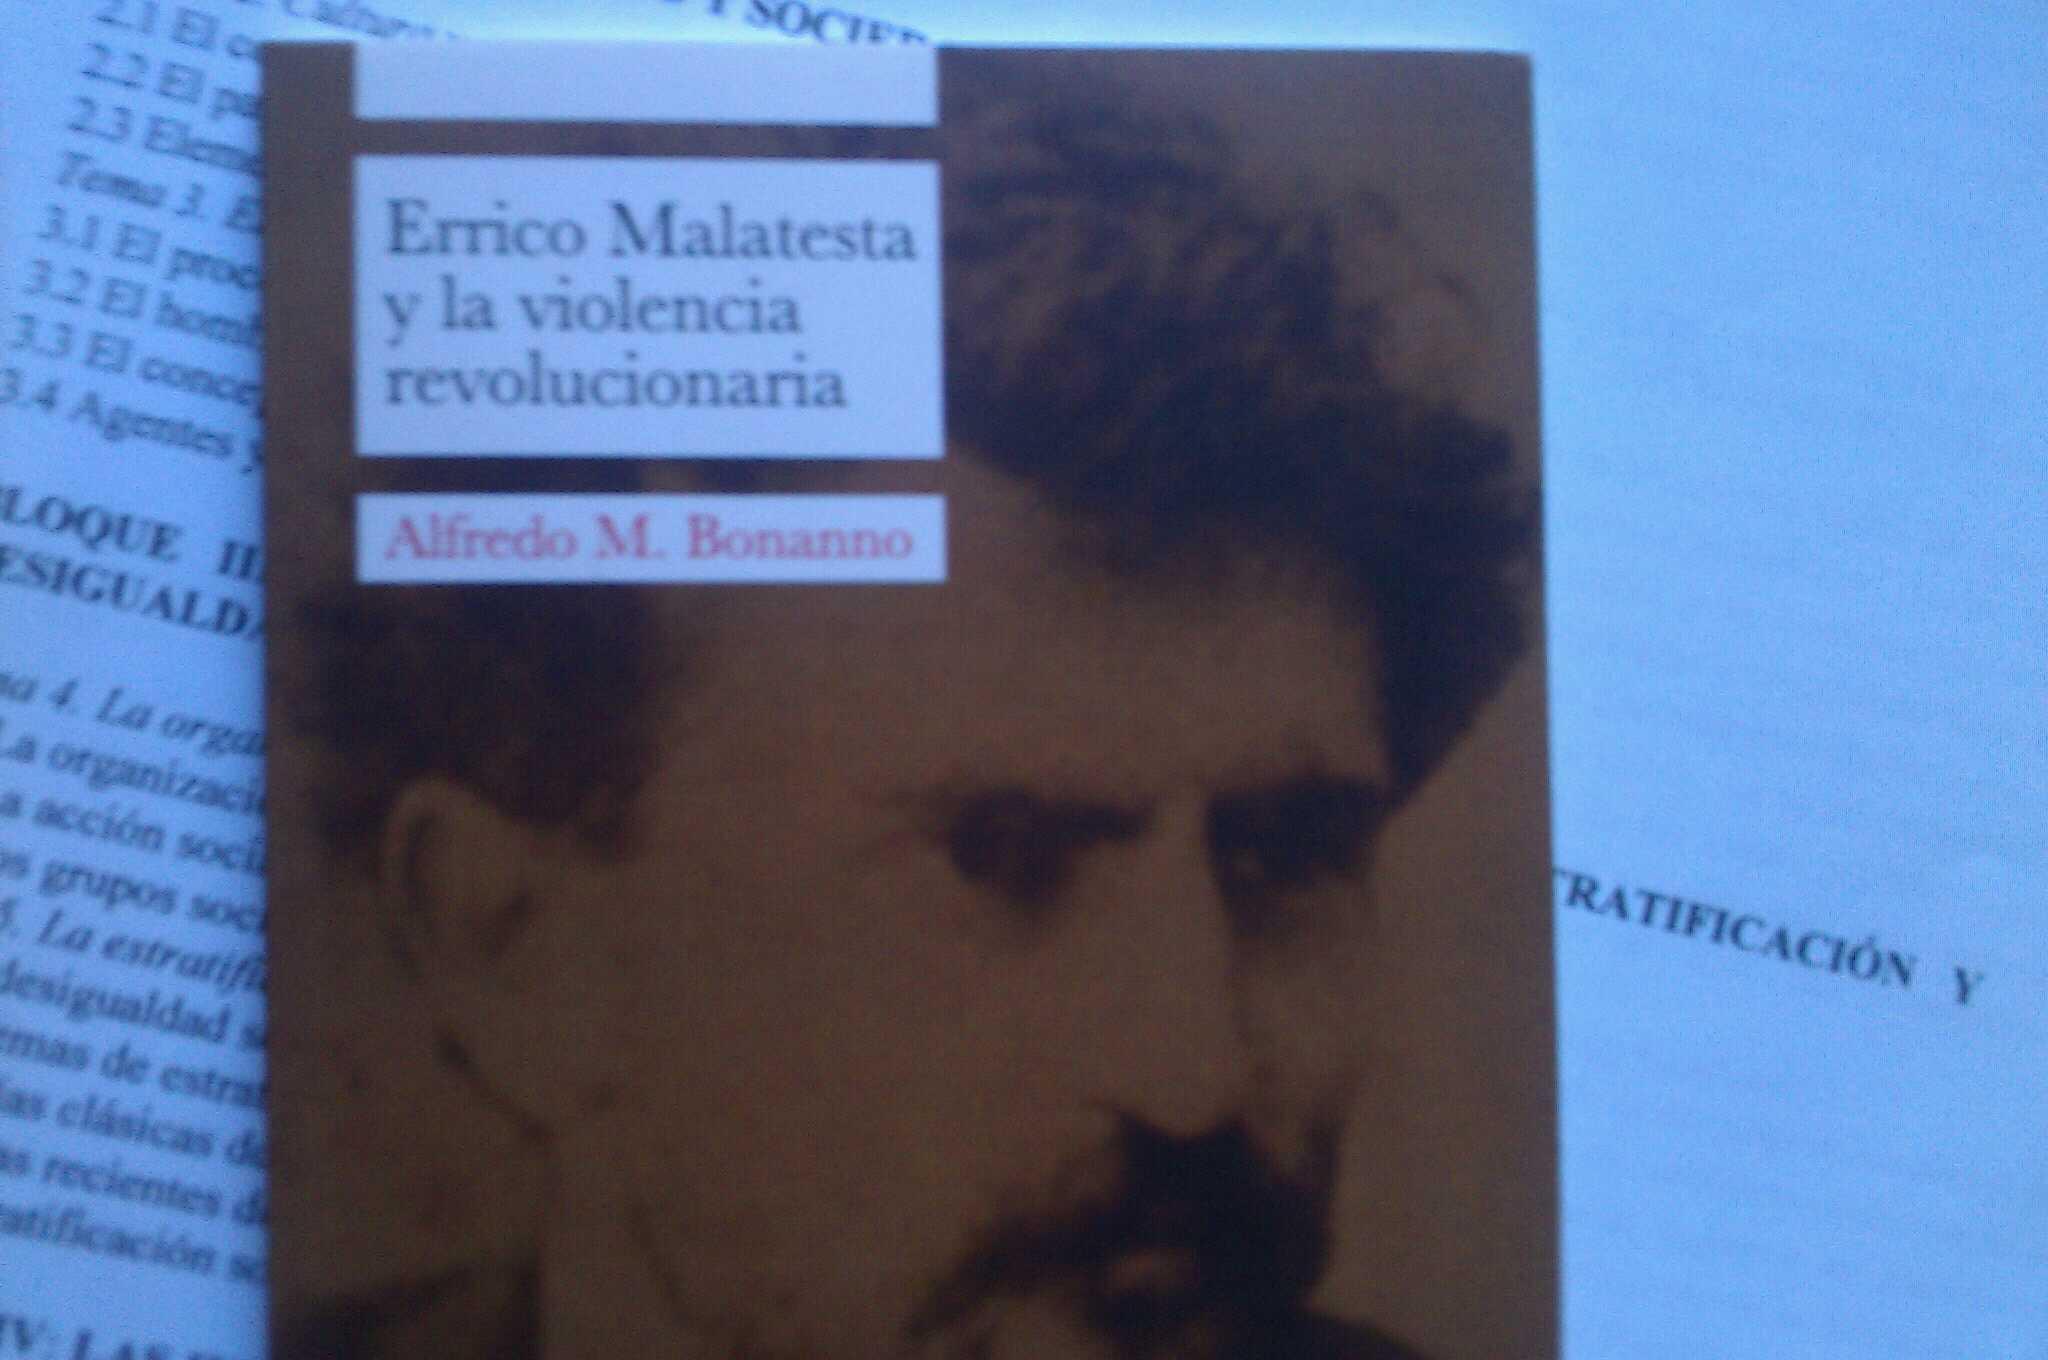 RT @dacoal: Cuanta falta le hace a algunos este libro... http://t.co/fXydRVJk